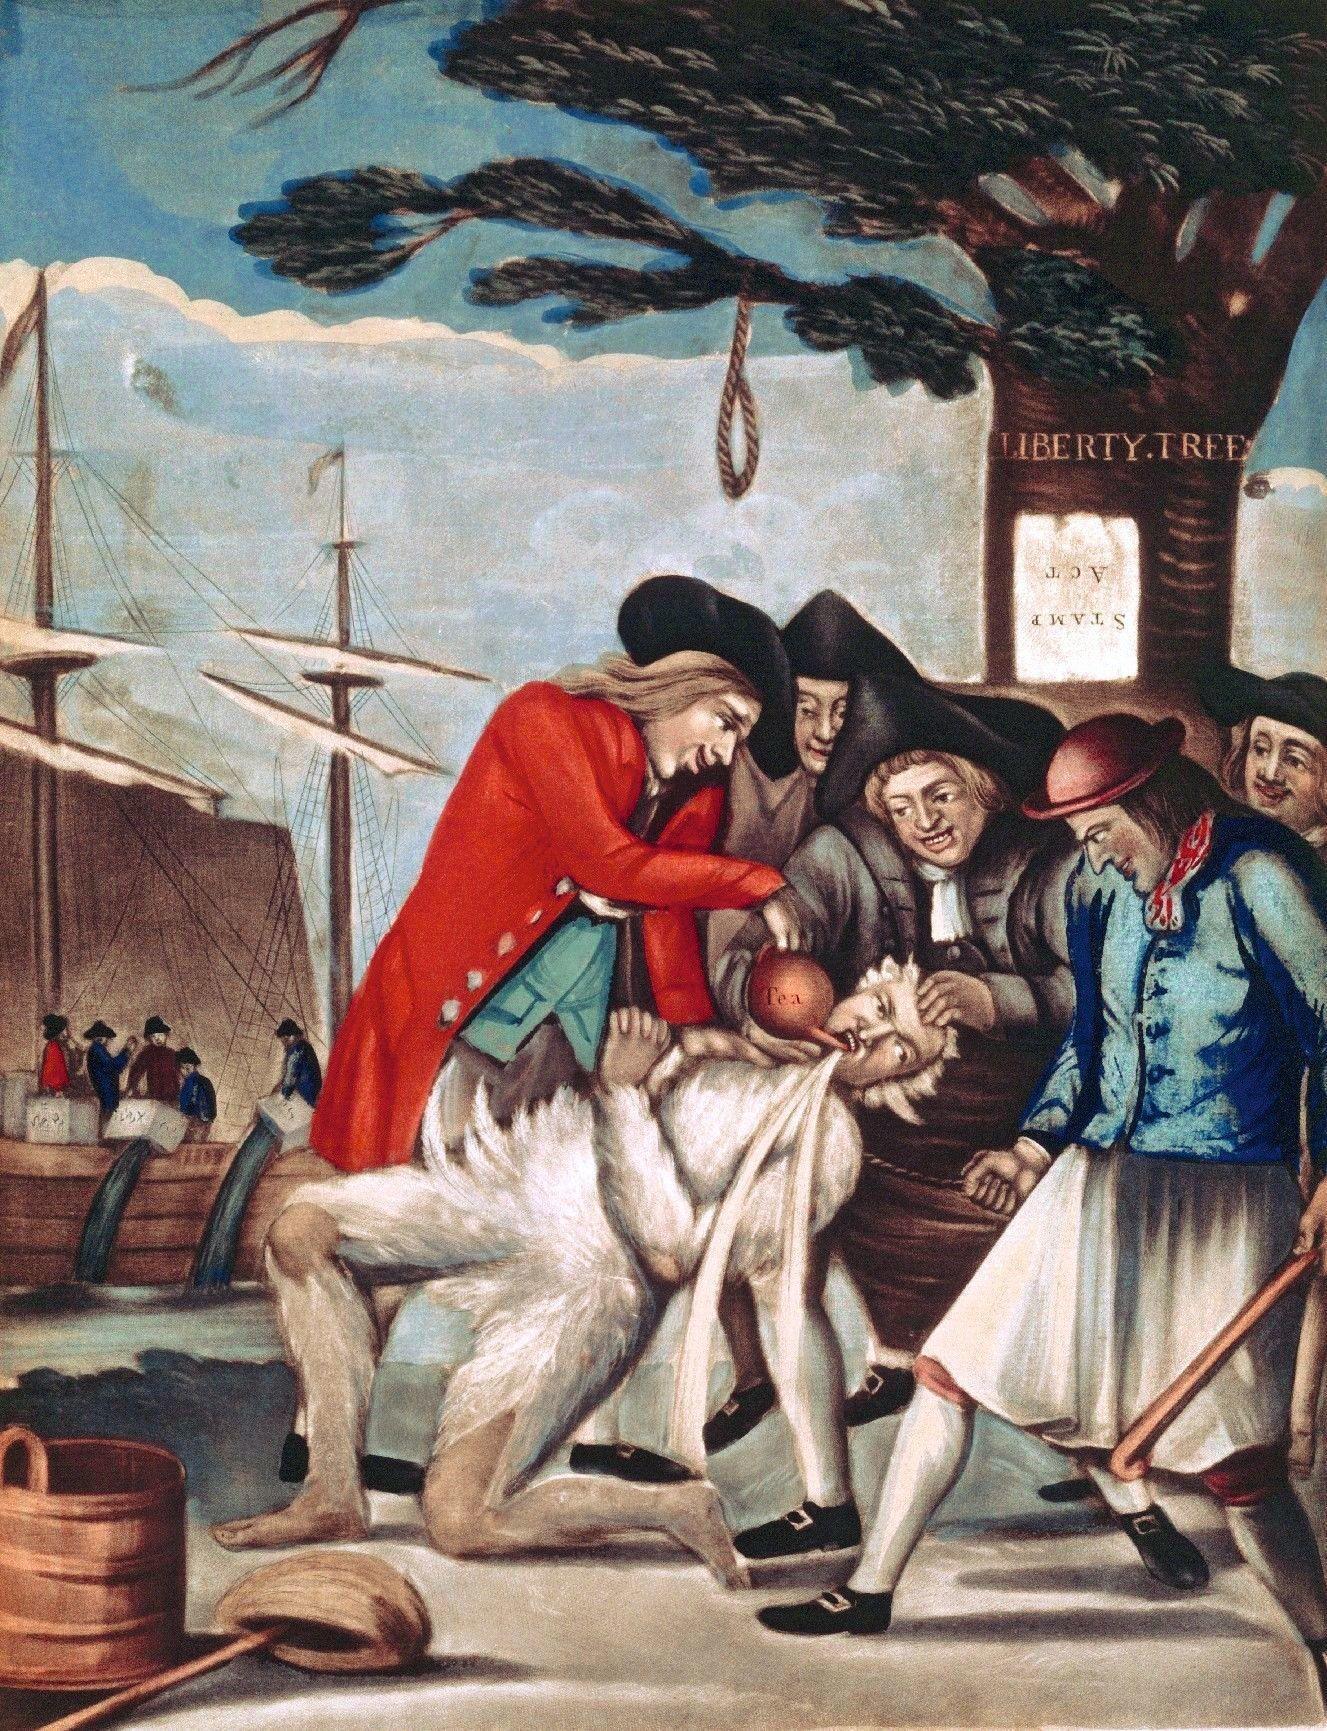 Philip Dawe, Les gens de Boston couvrent le percepteur de plumes et de goudron, 1774, mezzotinto, 35 x 24 cm, John Carter Brown Library, Providence